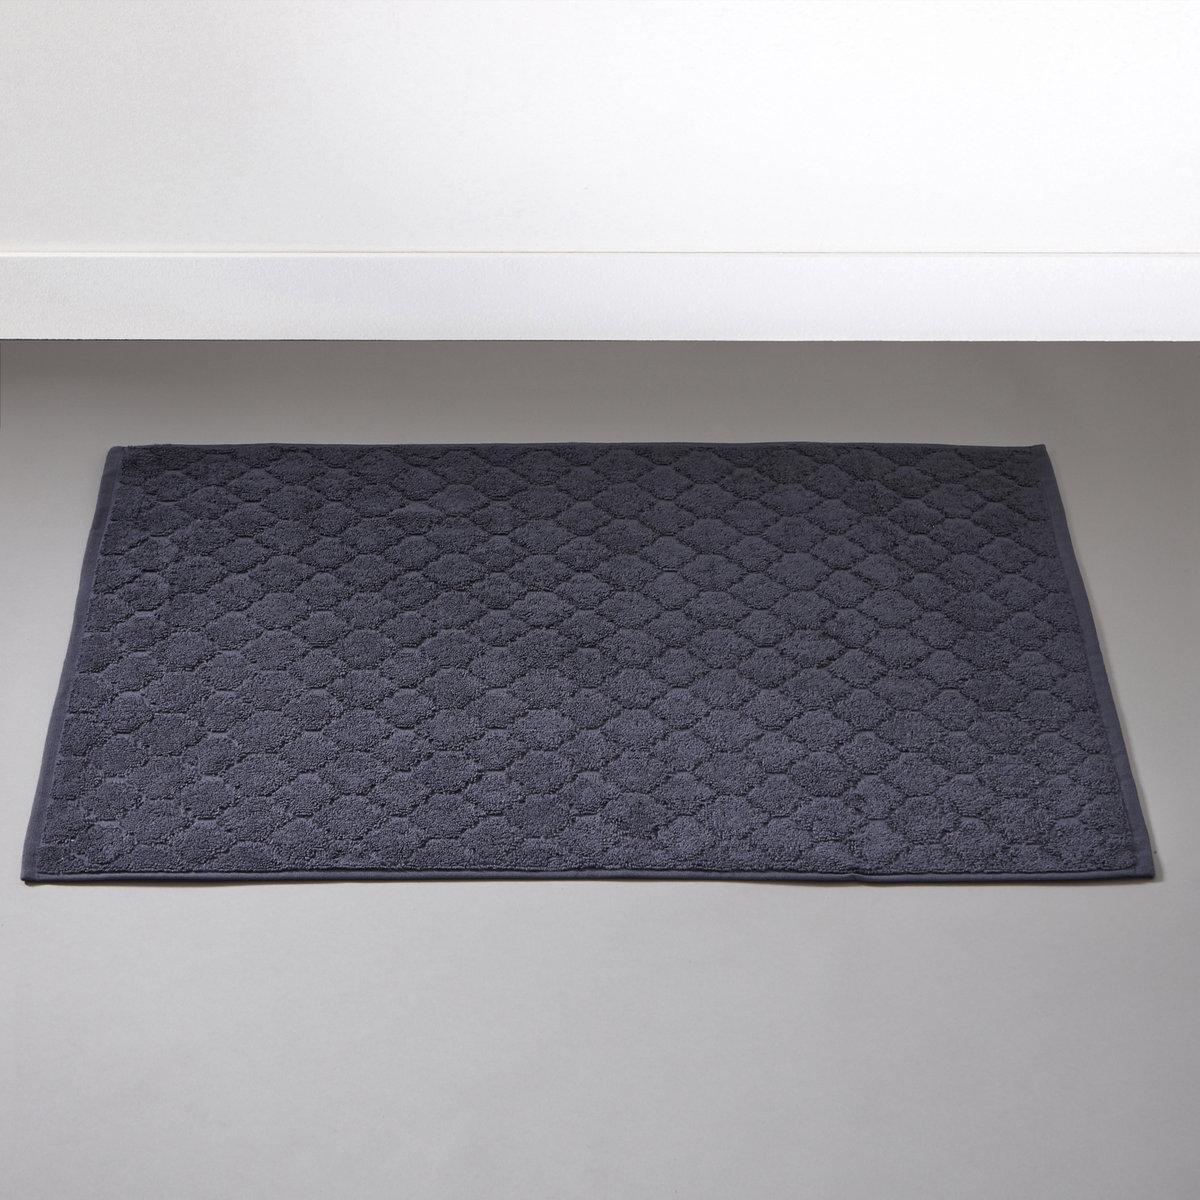 цены Коврик La Redoute Для ванной гм Aljustrel 50 x 70 см синий